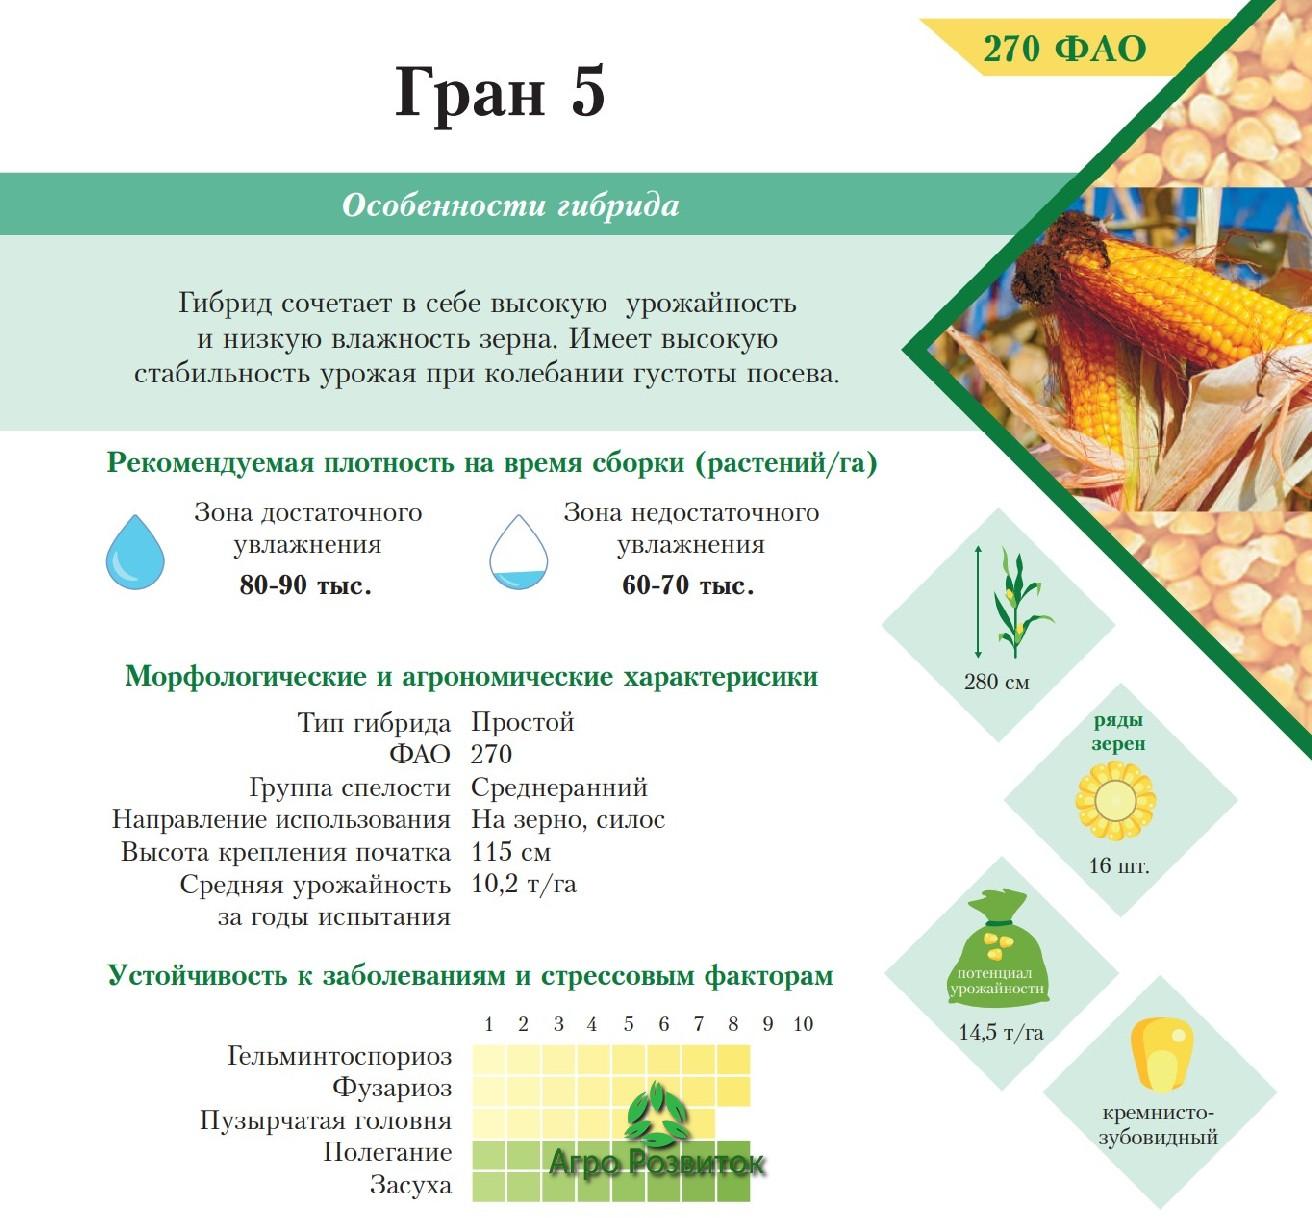 Кукурудза Гран 5 - Ціна Насіння (ФАО 270)